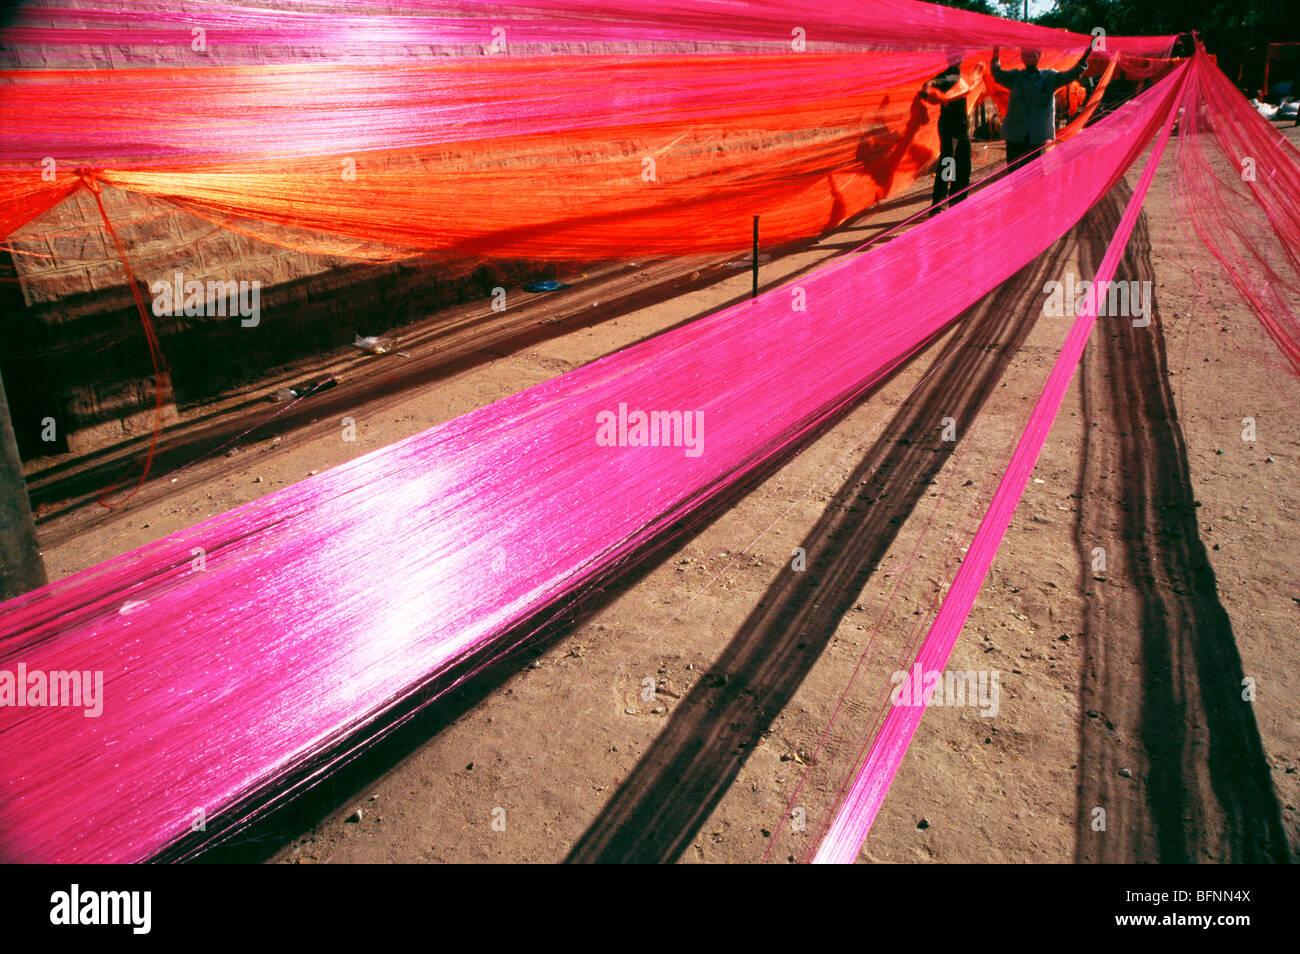 Preparación de hilo de seda tela guirnalda de Jodhpur ; ; ; Rajasthan India Imagen De Stock